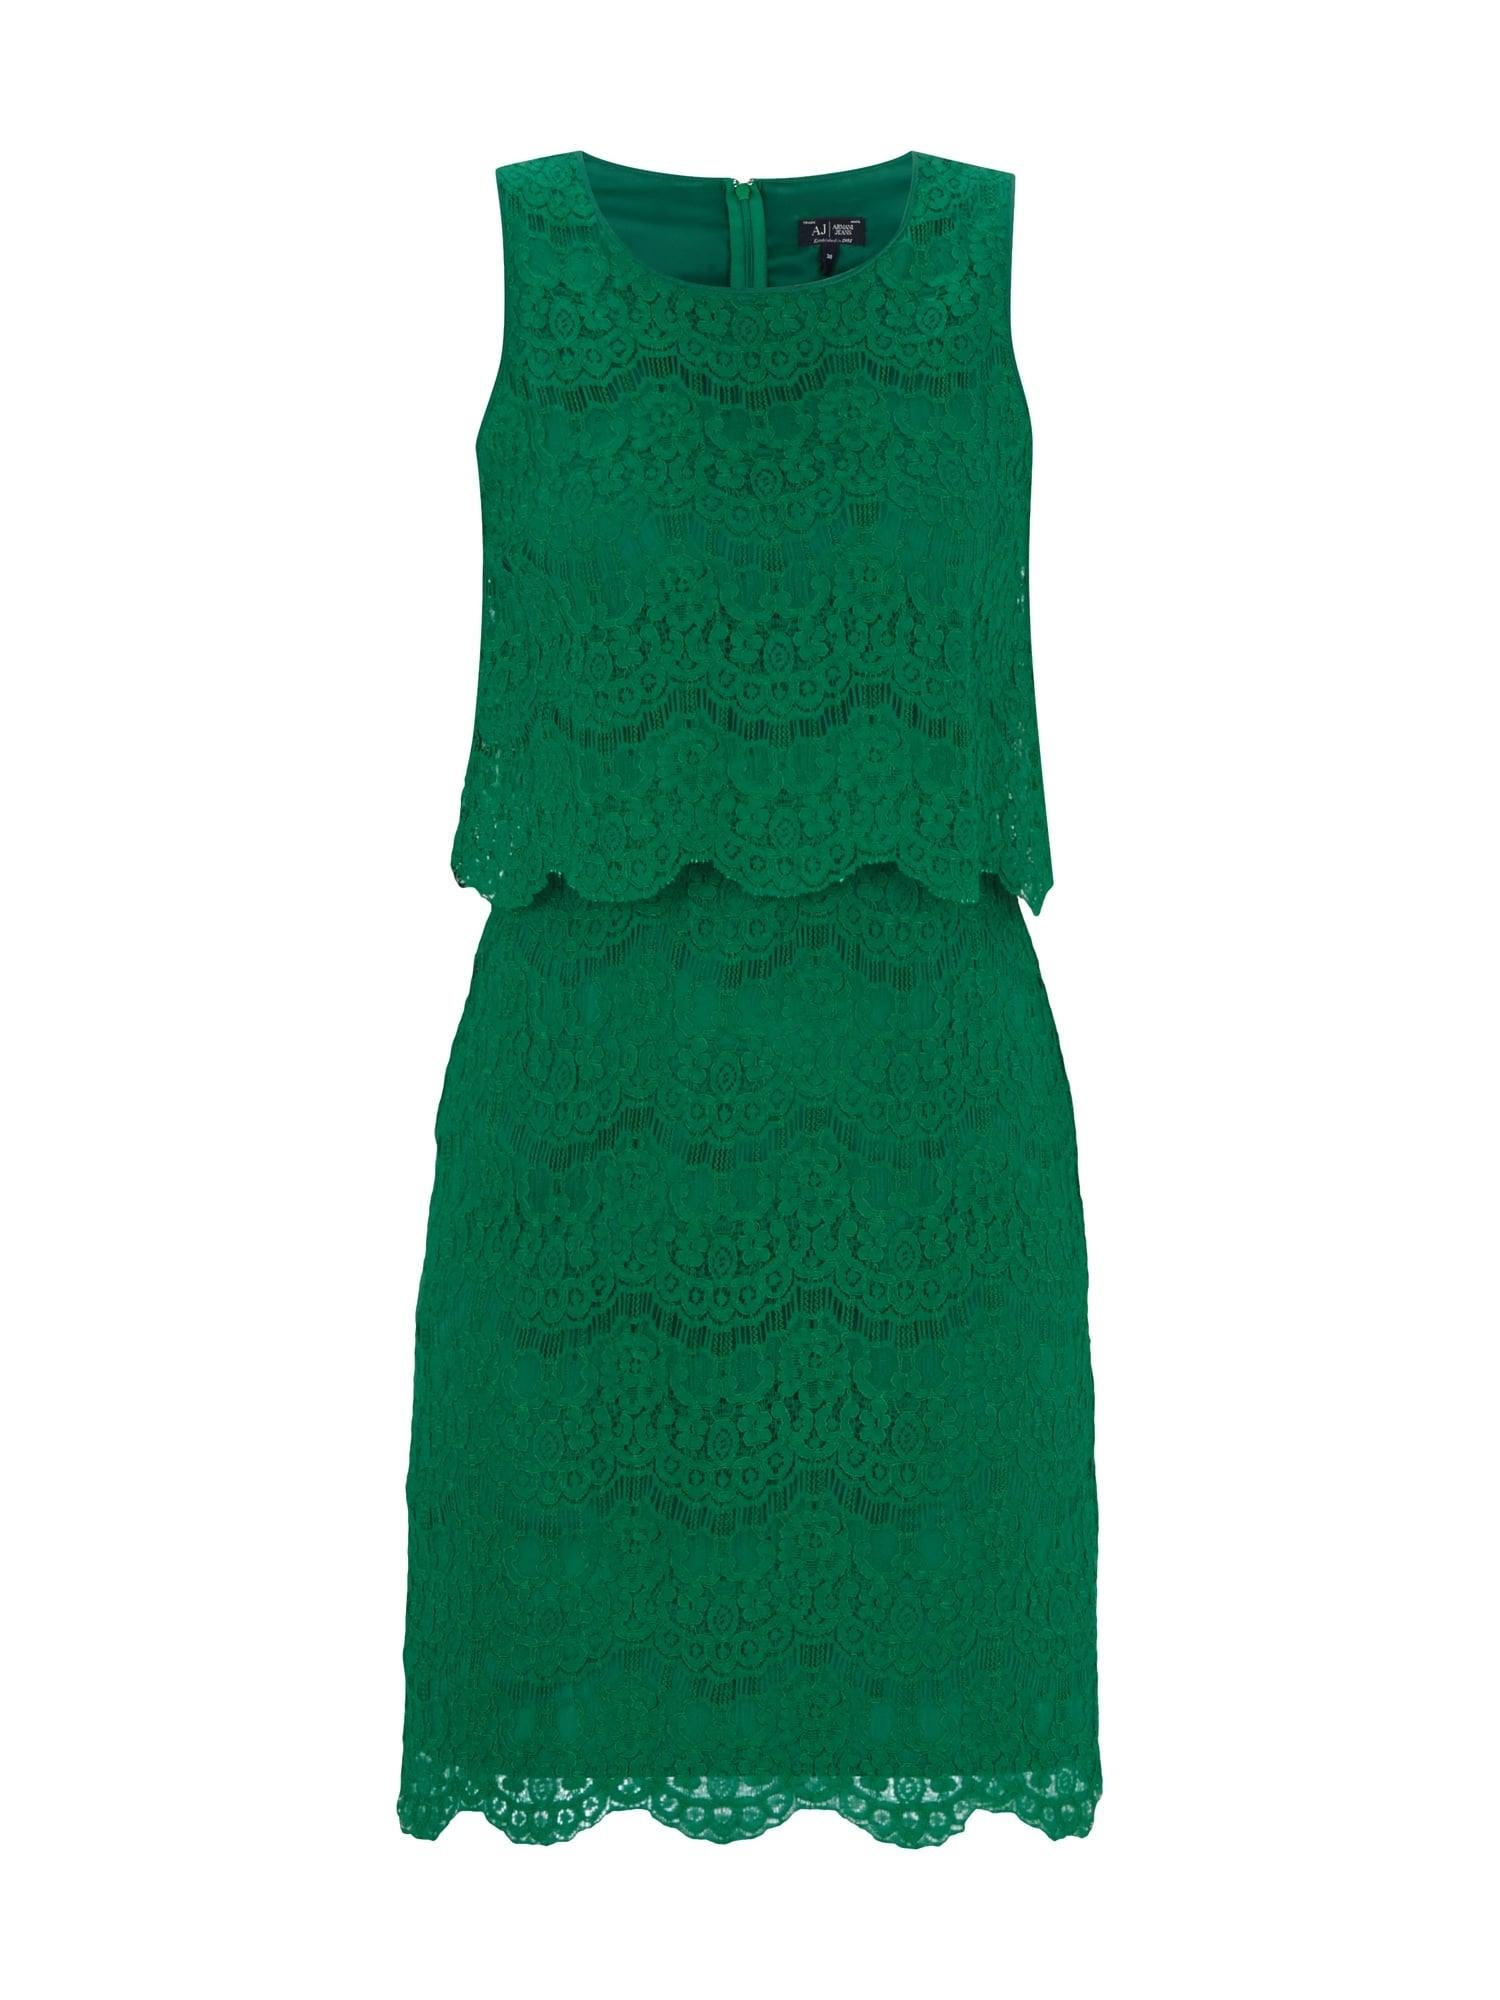 20 Top Kleid Grün Festlich GalerieFormal Einfach Kleid Grün Festlich Design